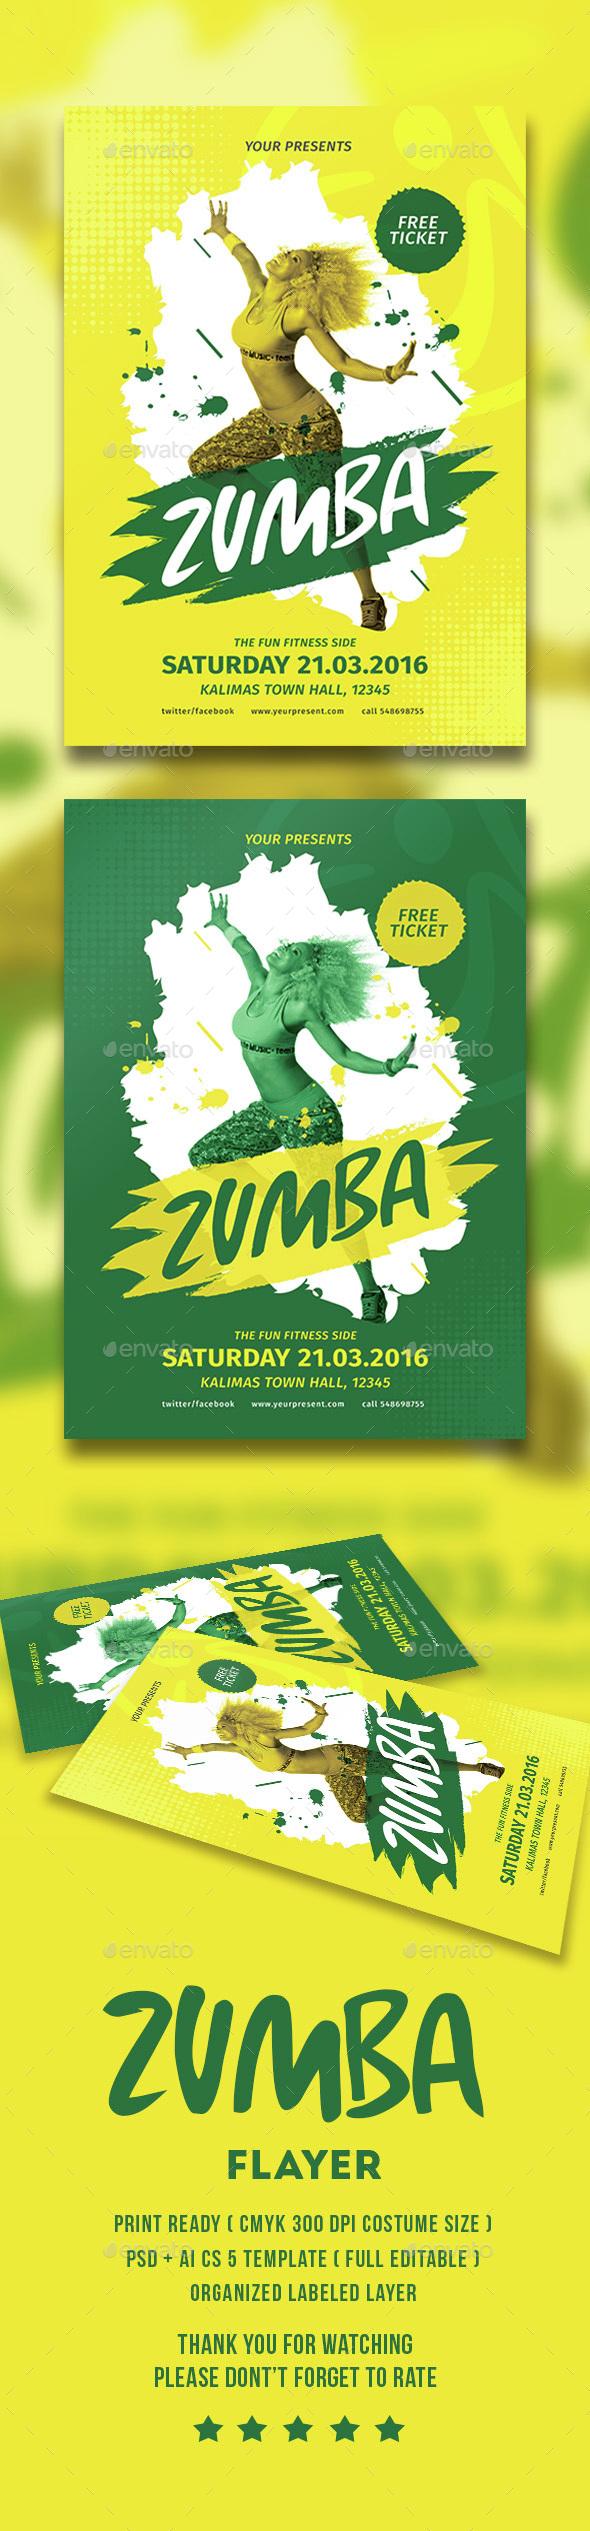 Zumba poster design - Zumba Poster Design 11